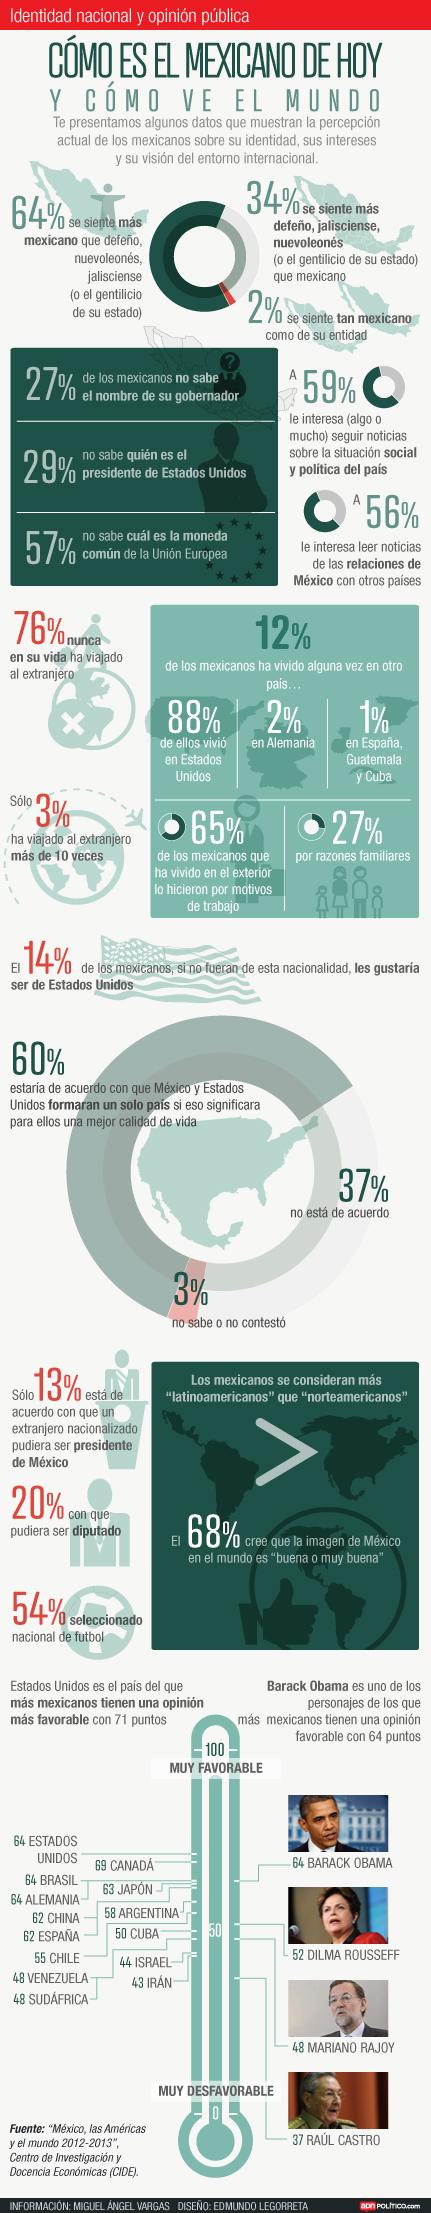 ¿Muy nacionalistas? 60% de acuerdo en que Mx y EU sean un sólo país, vía @ADNPolítico